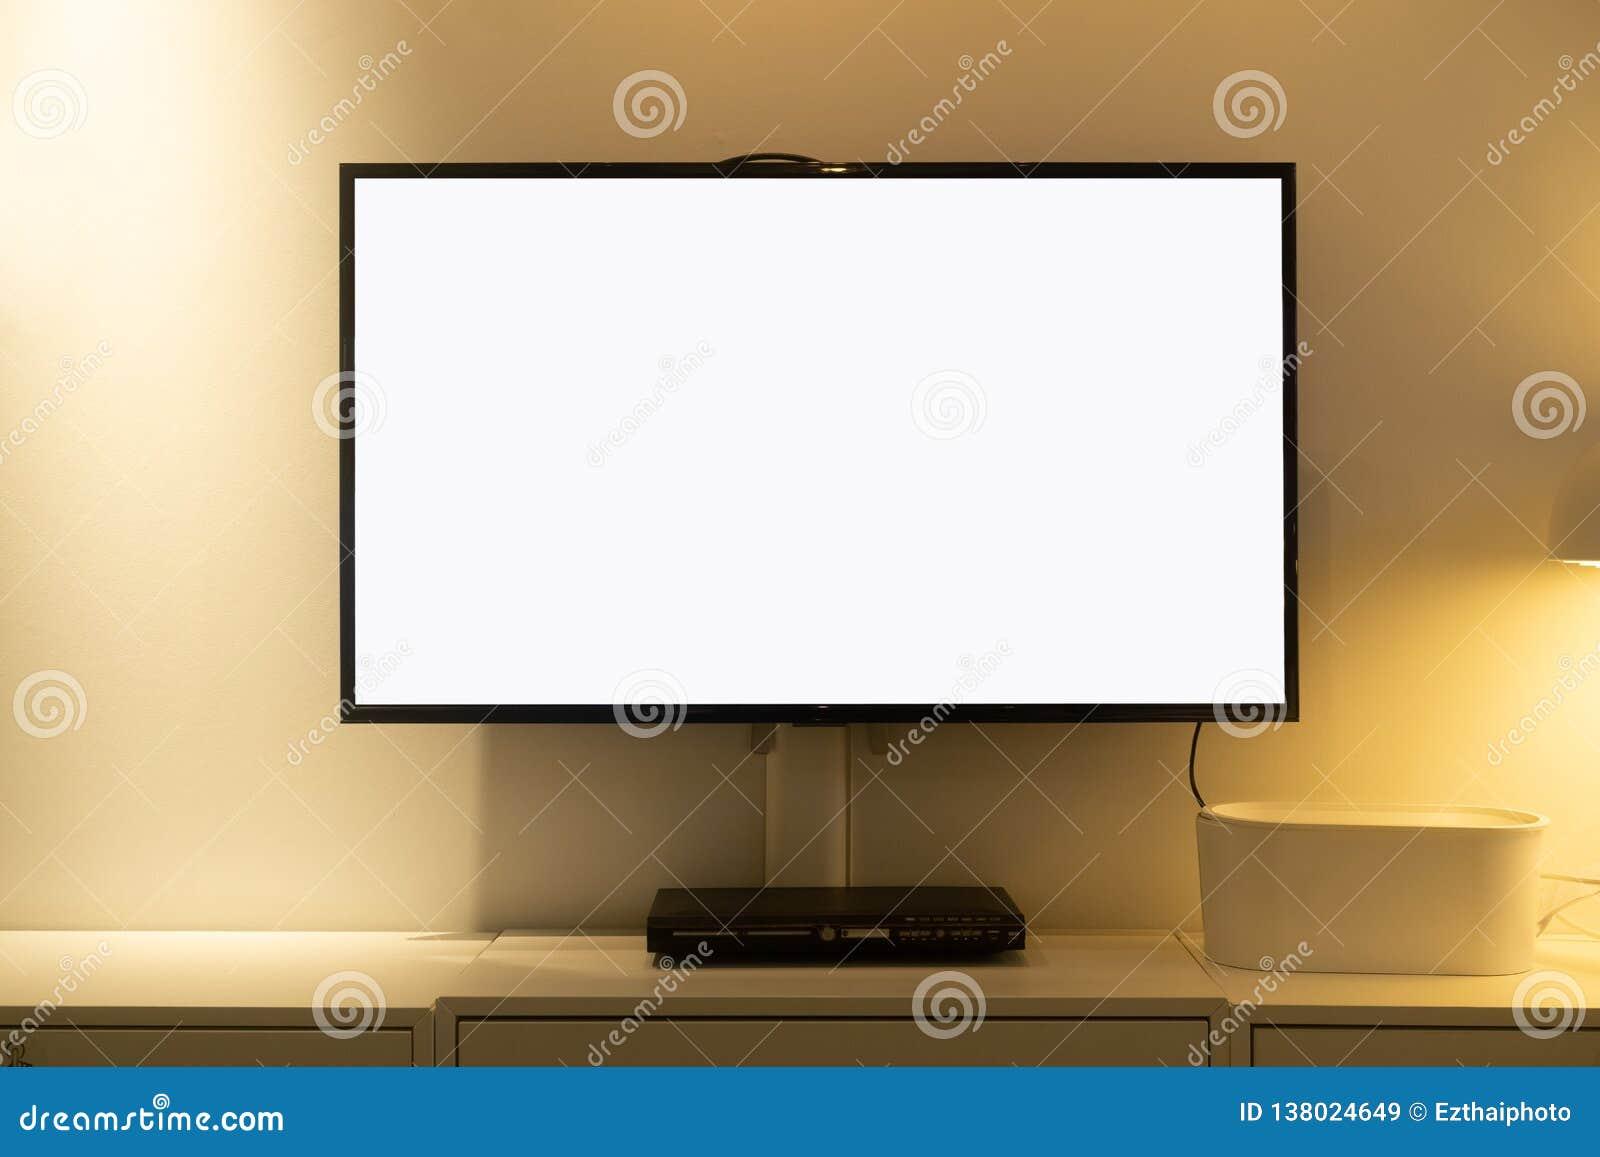 De woonkamer leidde lege het schermtv op concrete muur met houten lijst en media speler TV van het model lege scherm voor exempla